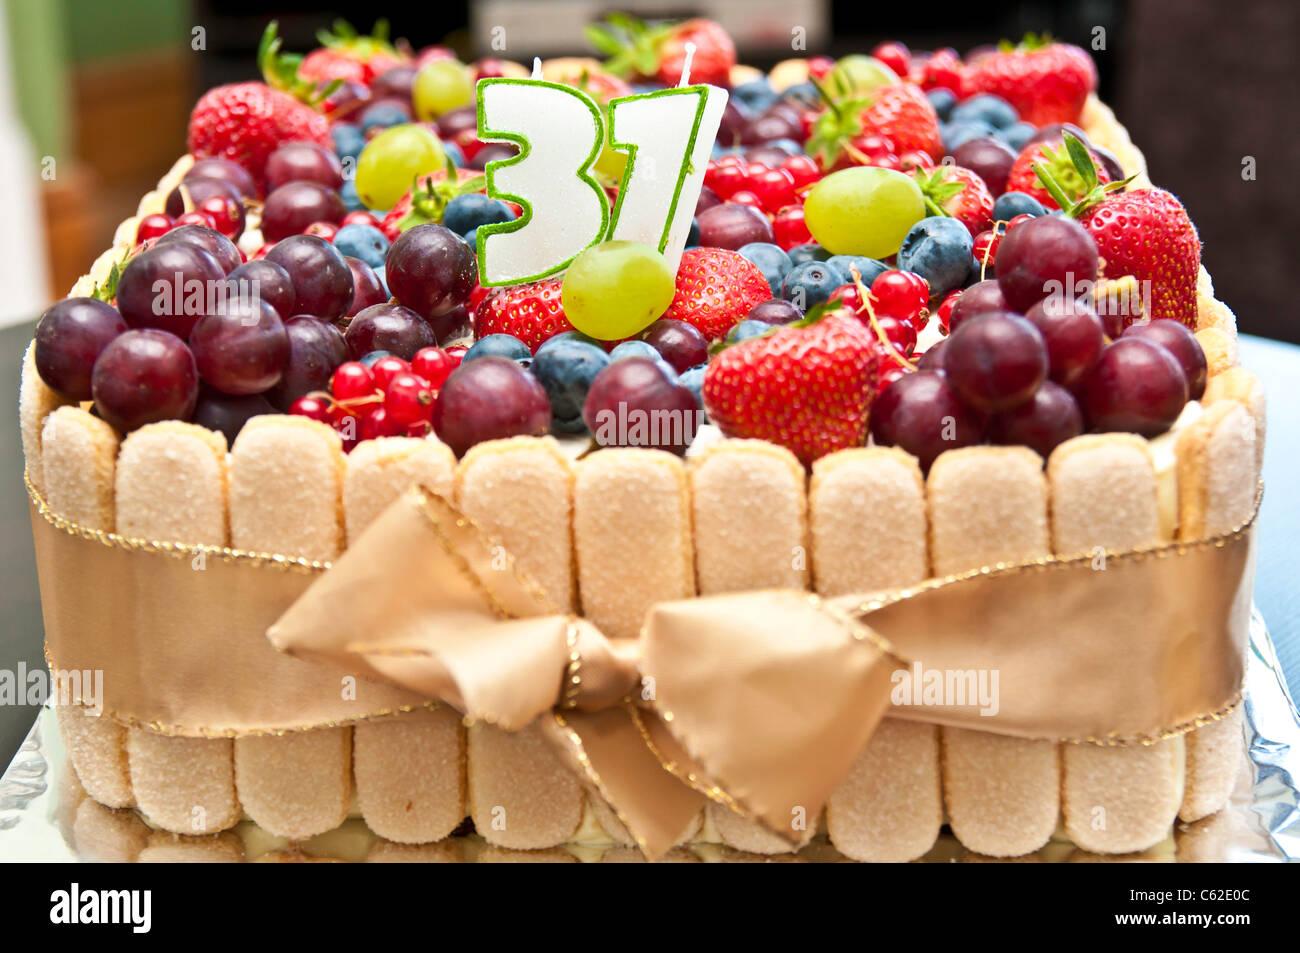 Fruit birthday cake Stock Photo Royalty Free Image 38163564 Alamy